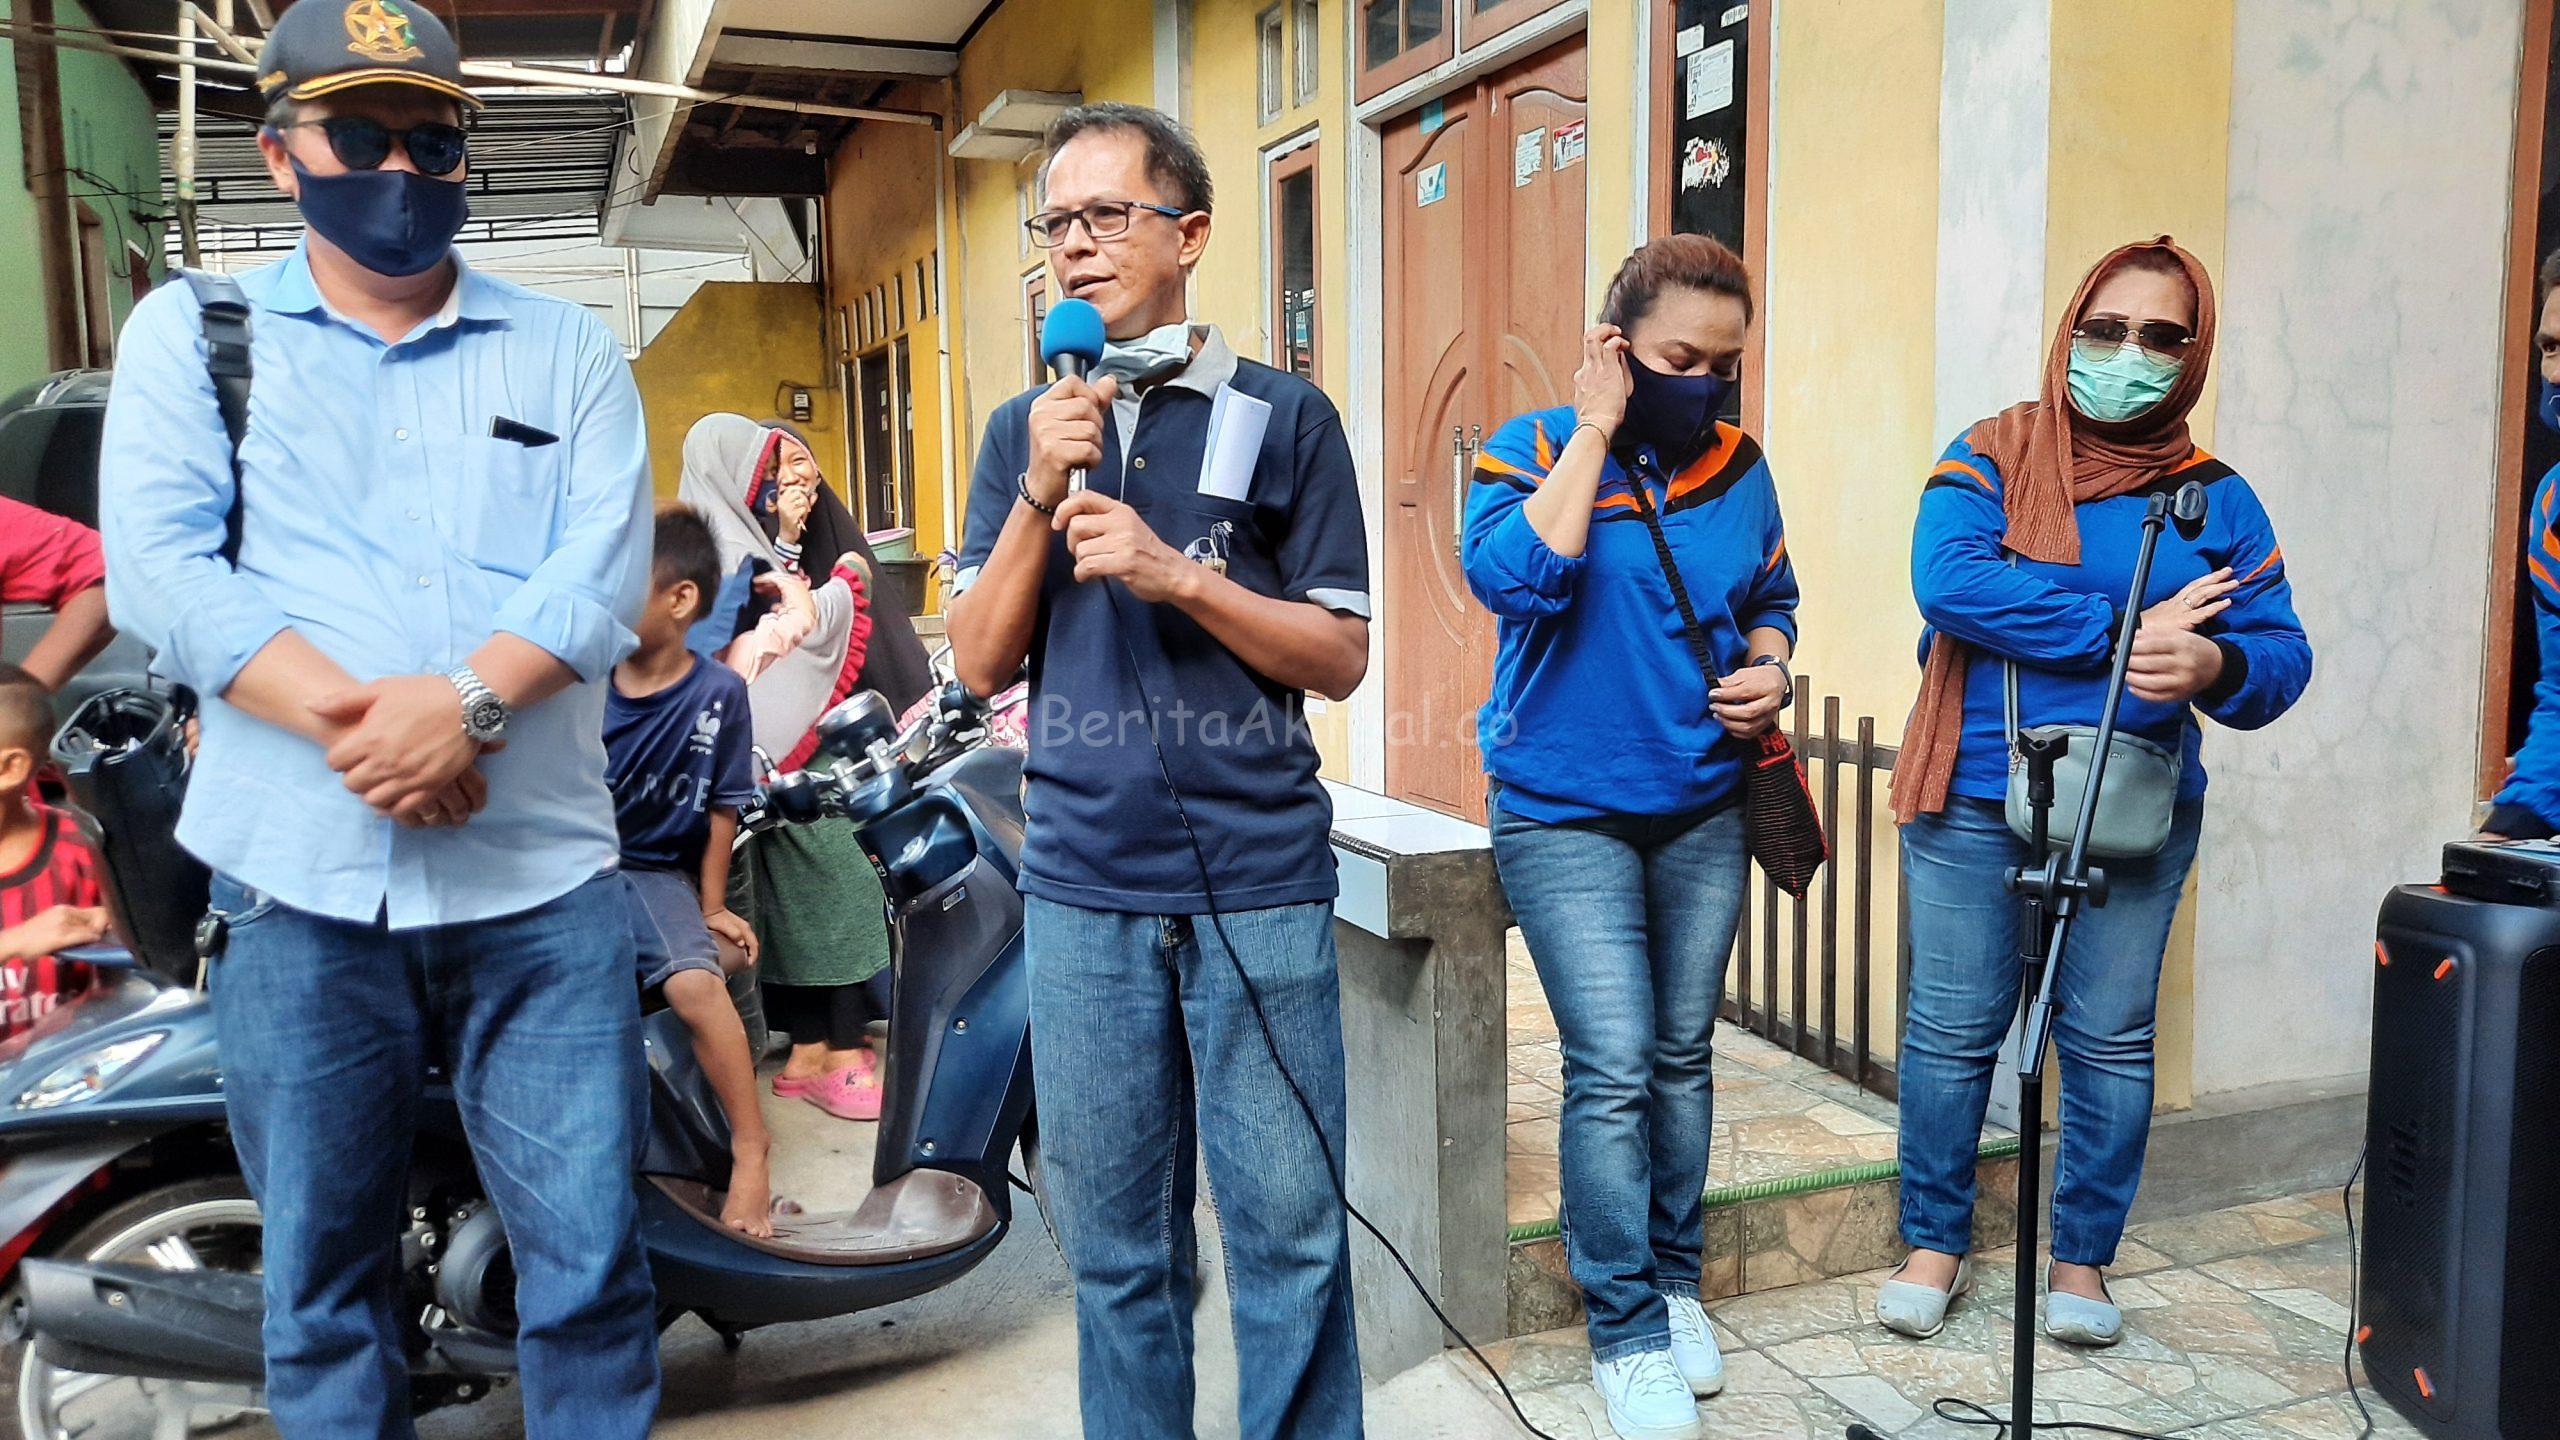 NasDem Peduli Dan Sahabat Rico Sia Salurkan 500 Paket Bama Untuk Warga Pasar Baru Kota Sorong 2 20200515 171836 scaled